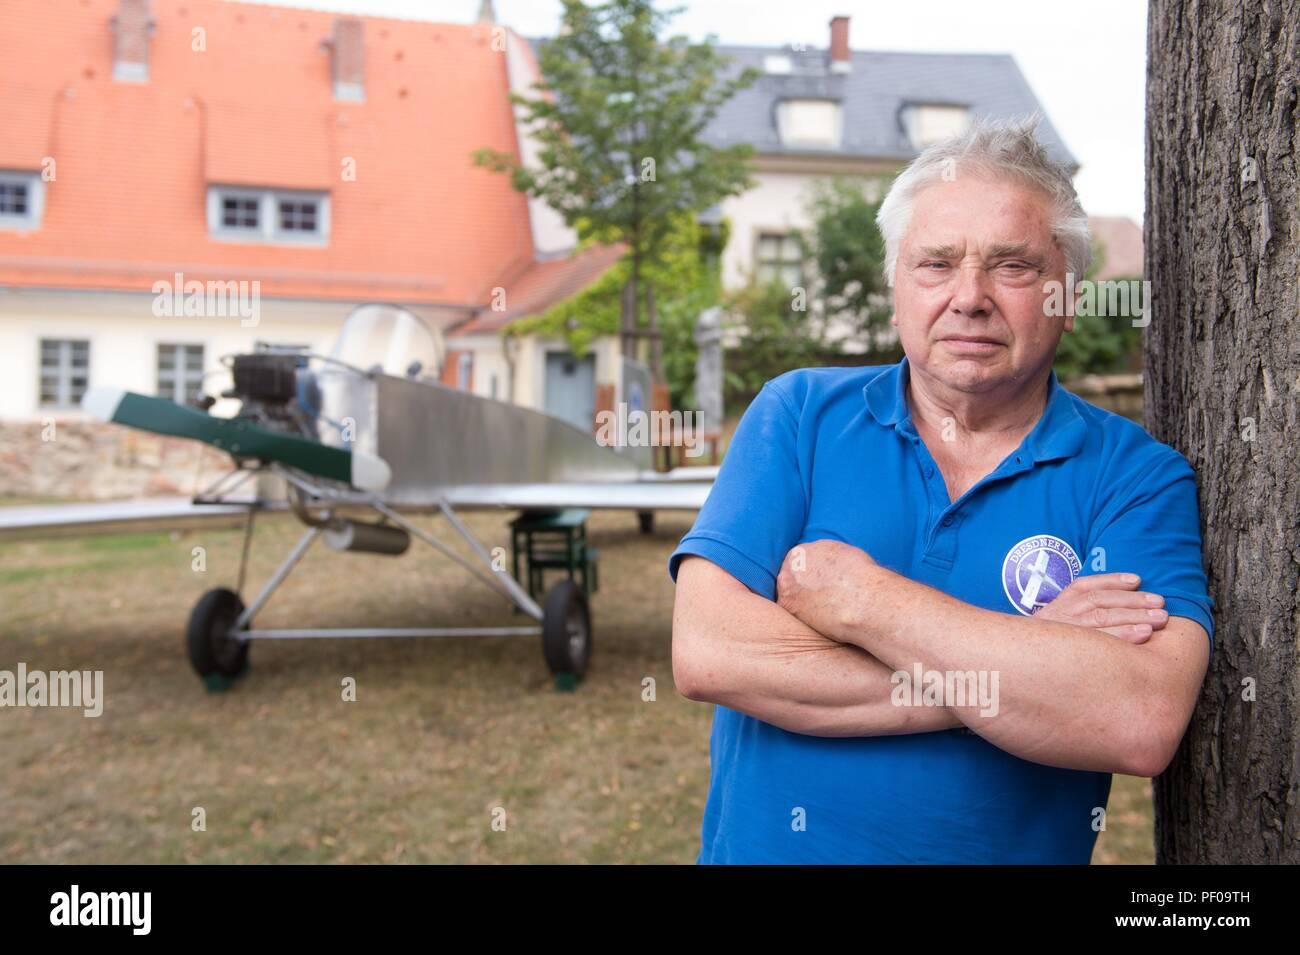 """Meissen, Germania. 18 Agosto, 2018. Michael Schlosser sorge nella parte anteriore della sua auto-costruito aeromobile """"Ikarus"""". Nato in Turingia, egli segretamente costruito un piano nella RDT nel 1983 a fuggire in Germania Ovest, ma è stato tradito e condannato e comprato dalla BRD sei mesi più tardi. Nel 2007, egli ha ricreato il suo piano di fuga per la prima volta per un film - con il guscio esterno del piano in alluminio invece di poliestere. Credito: Sebastian Kahnert/dpa/Alamy Live News Immagini Stock"""